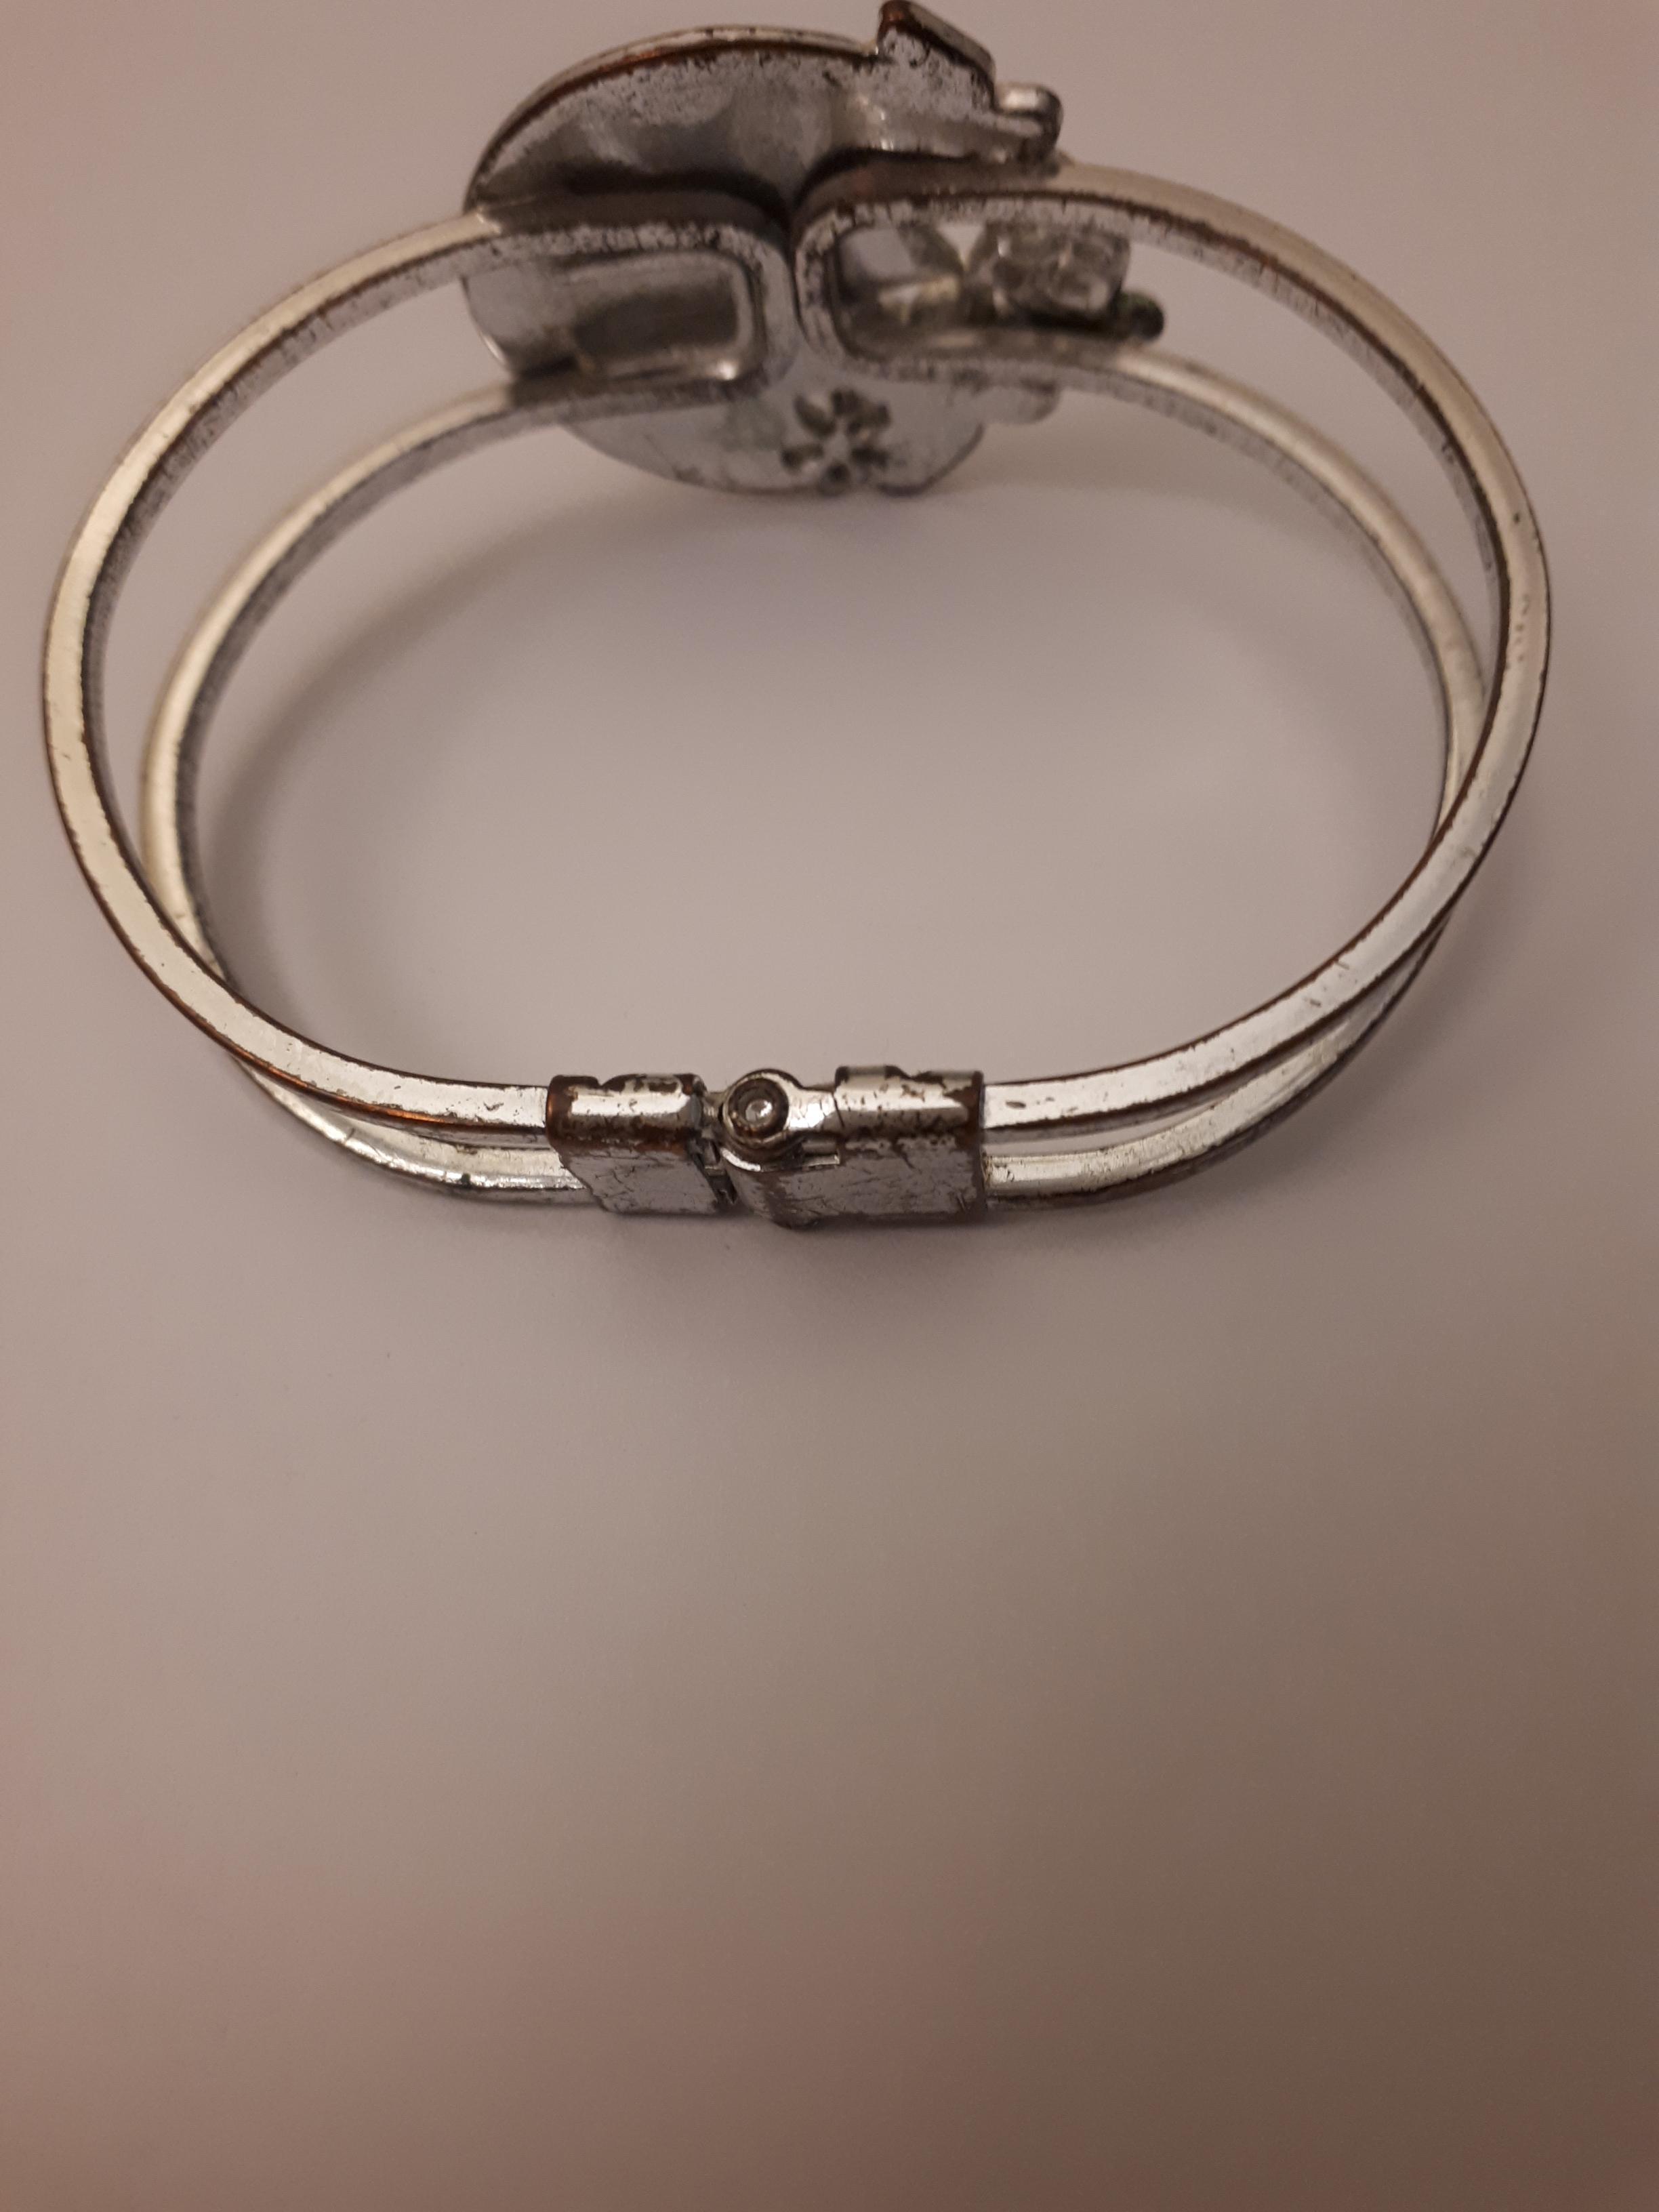 troc de troc bracelet armand thierry féminin image 2